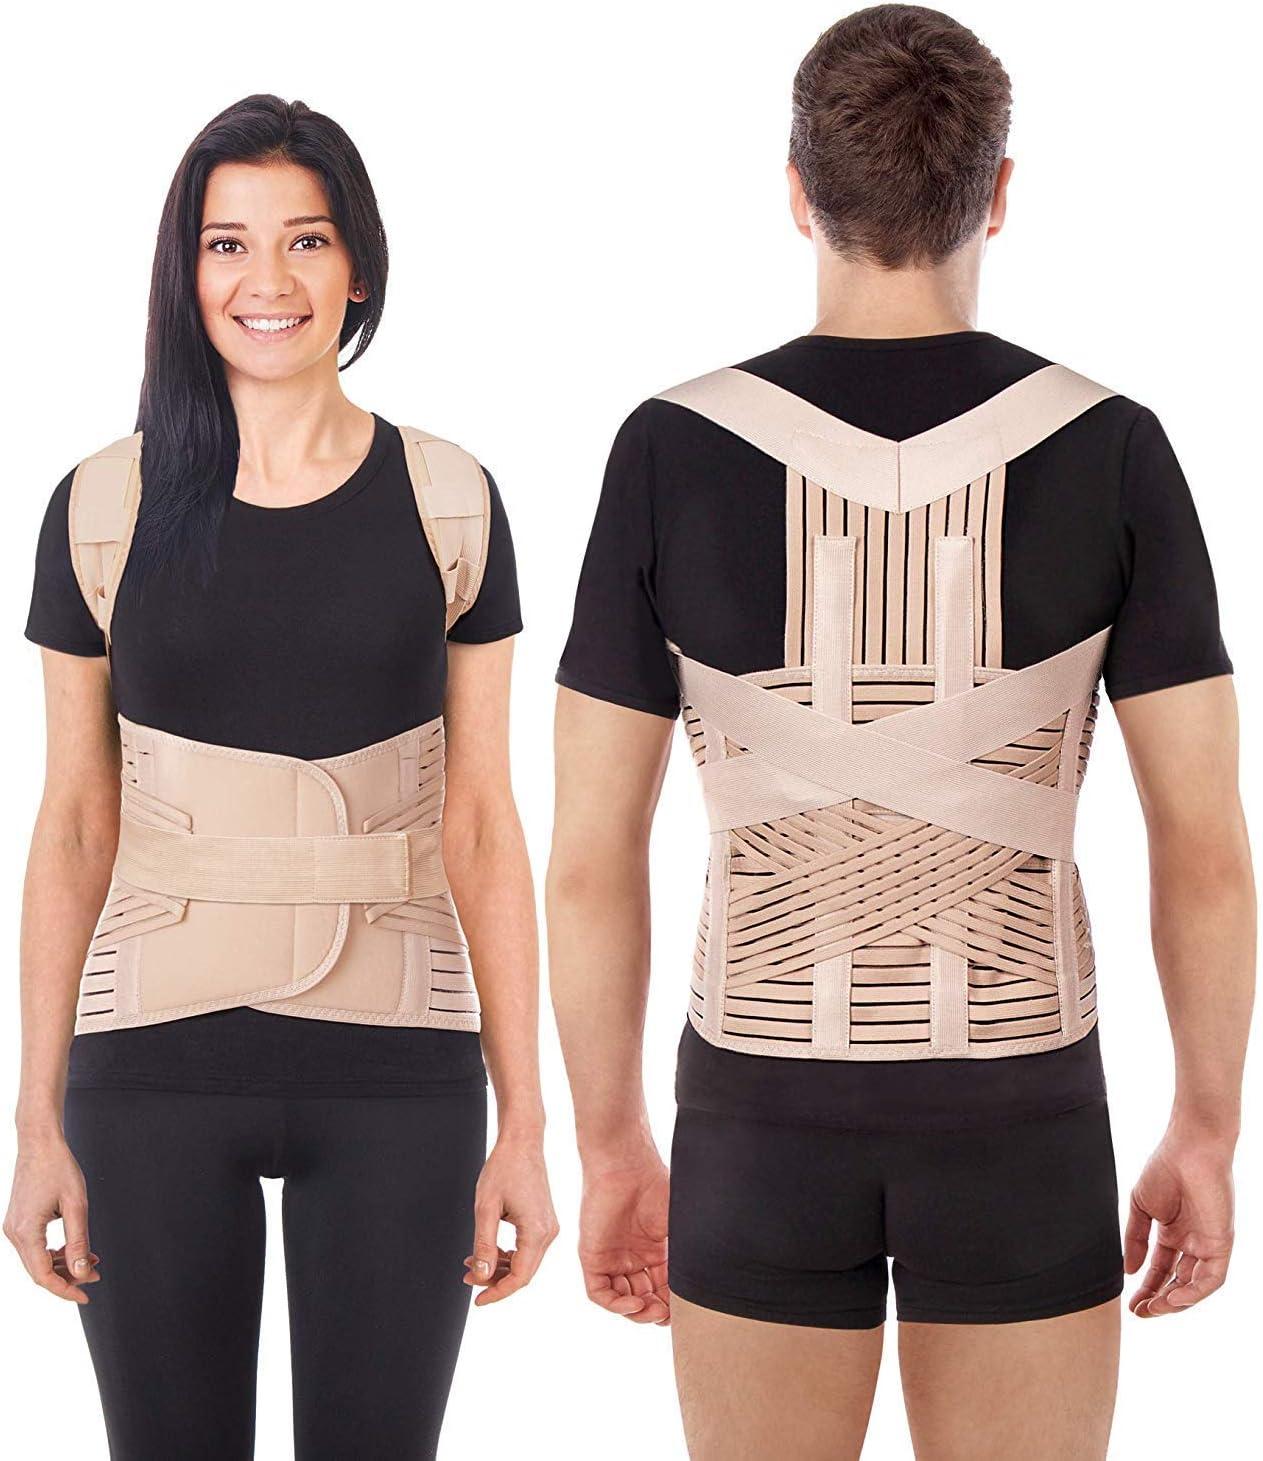 Corrector Postura y Soporte para Espalda respiratorio- corrección de postura-Apoyo a La Columna Vertebral- Cinturón Para Alivio del Dolor de Espalda LUX Beige X-Large